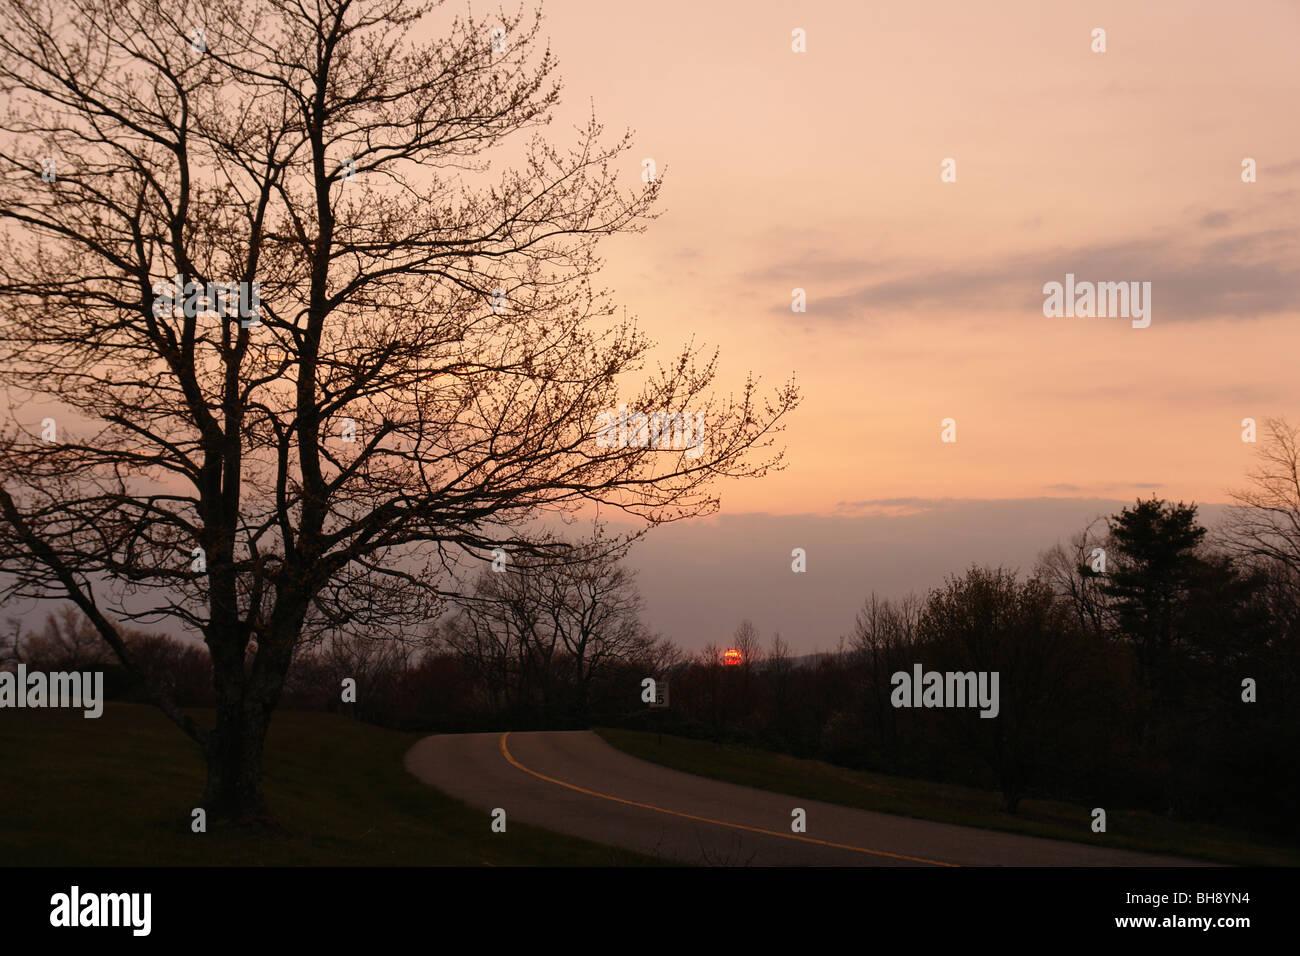 AJD64419, Blue Ridge Parkway, NC, Caroline du Nord, donnent sur la route, coucher de soleil, Banque D'Images